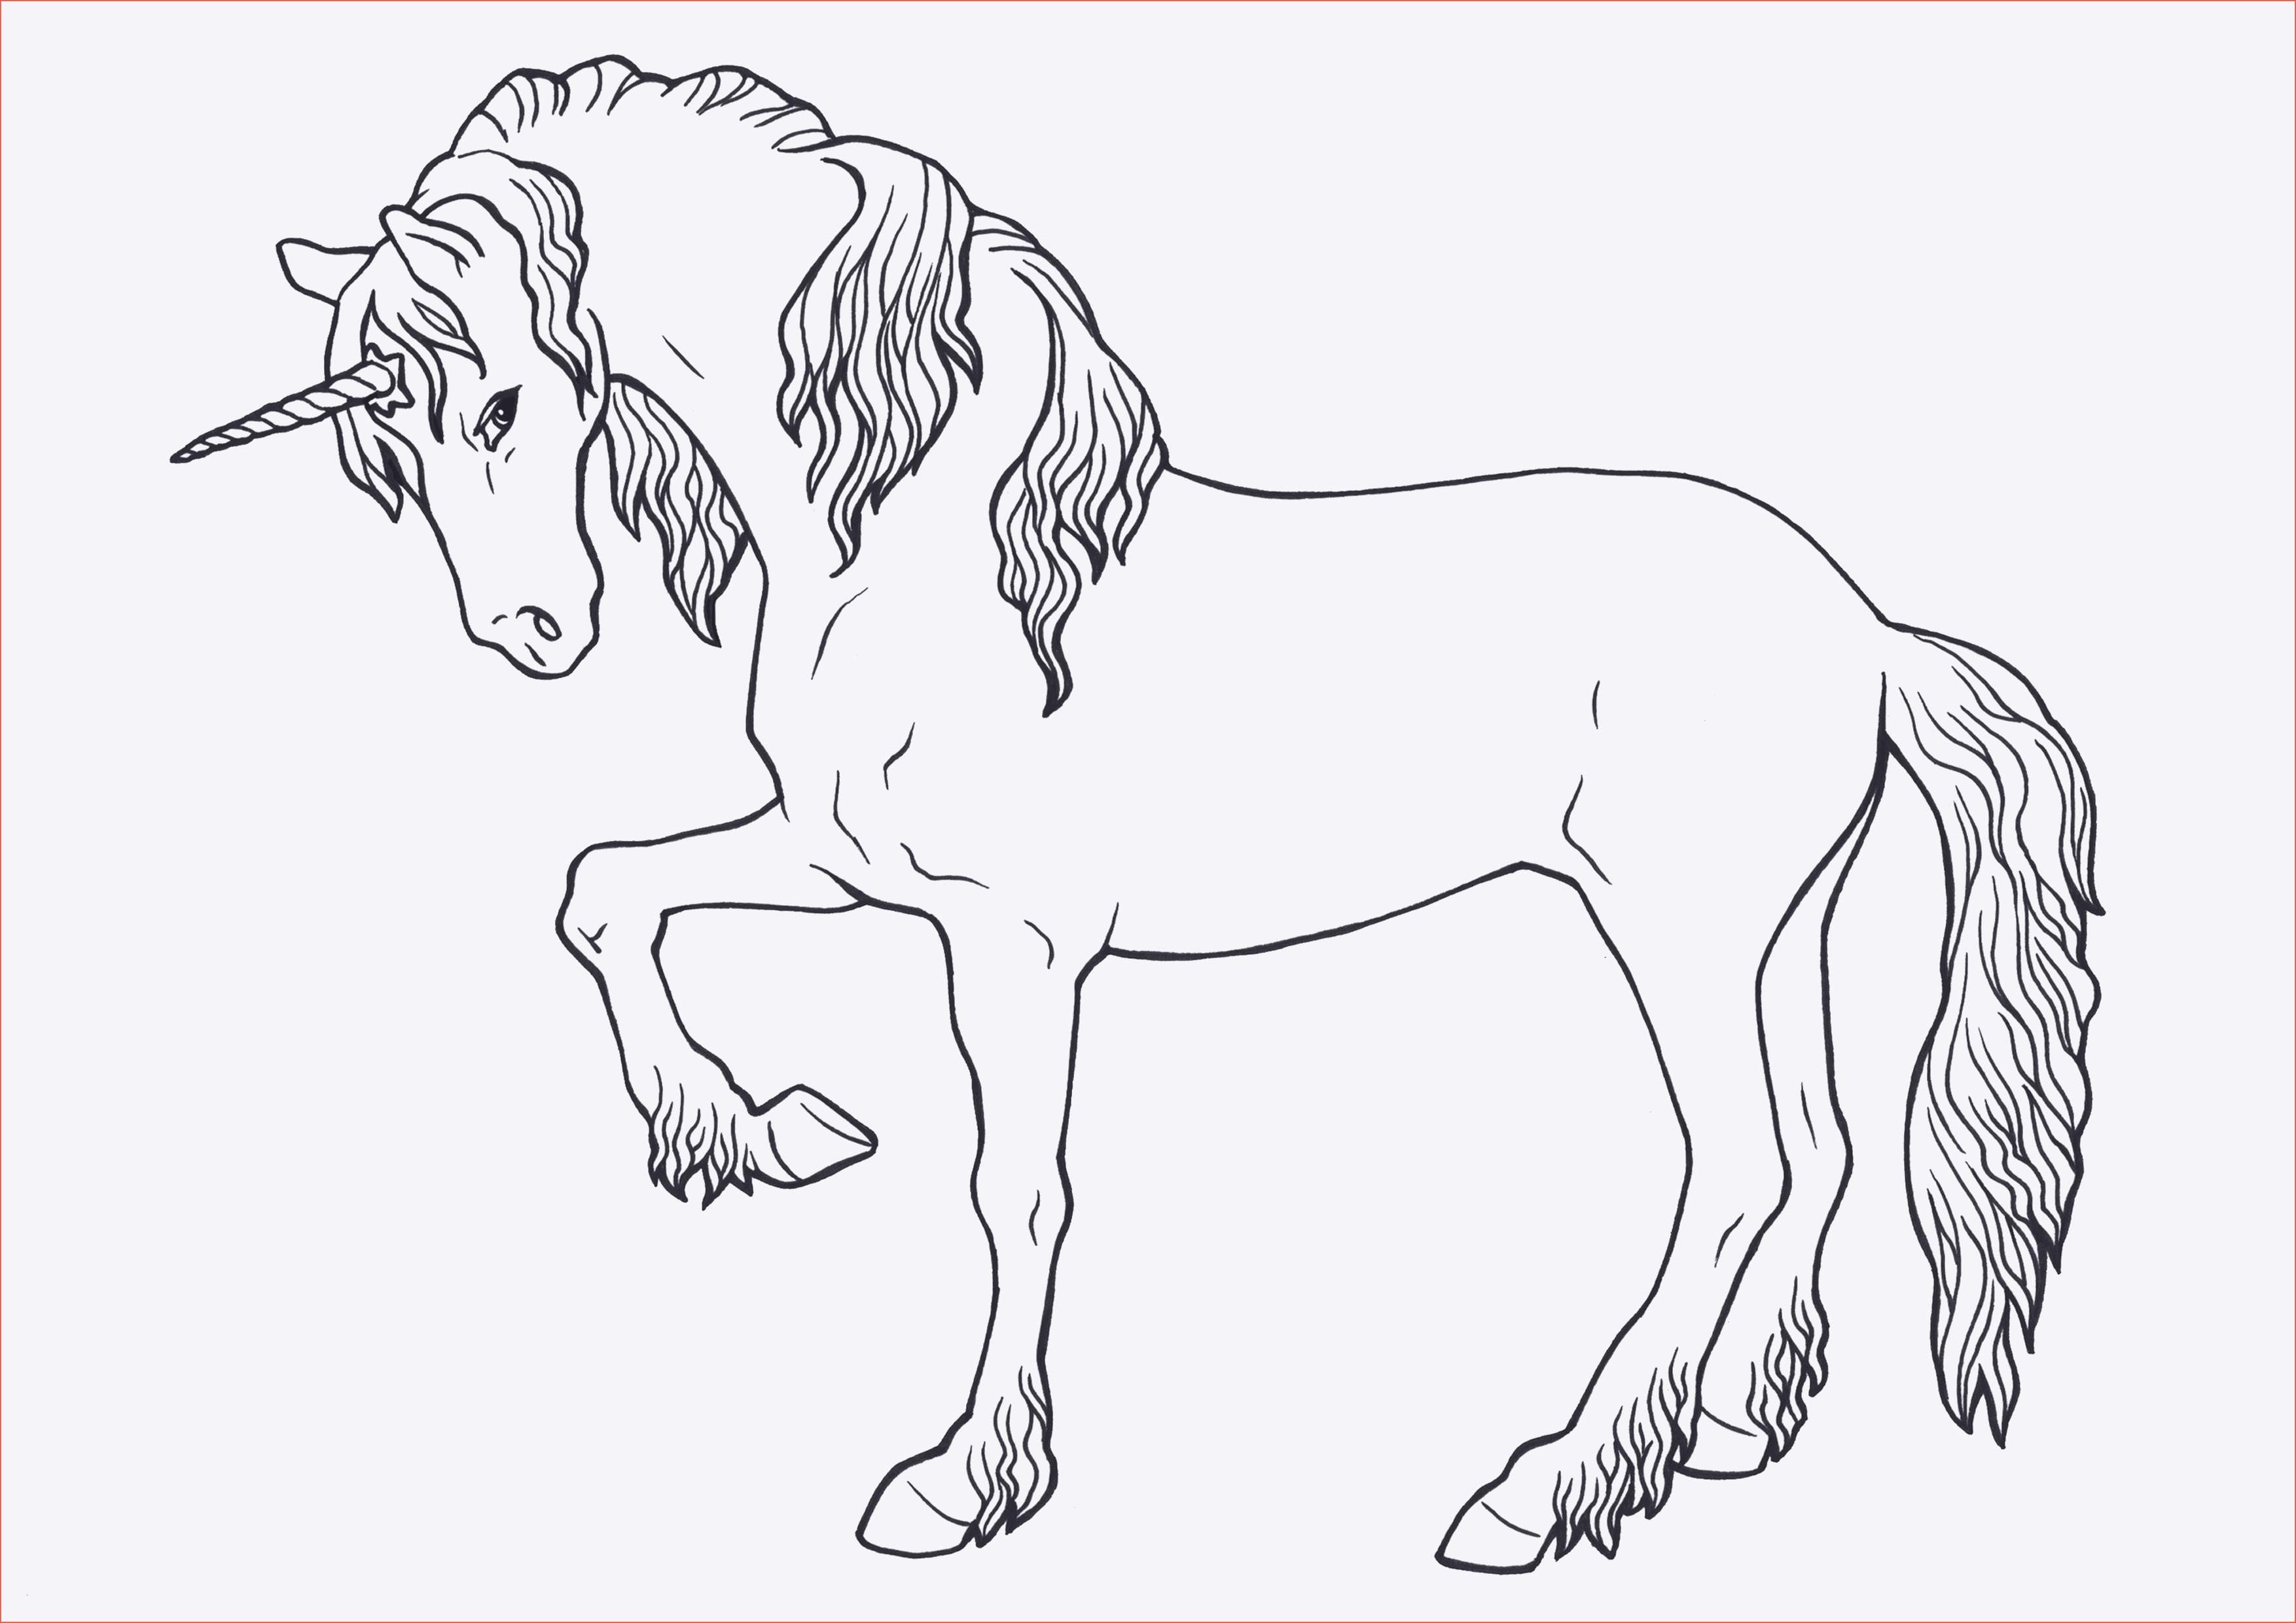 Ausmalbilder Pferde Mit Fohlen Einzigartig 48 Best Kostenlose Ausmalbilder Pferde Malvorlagen Sammlungen Galerie